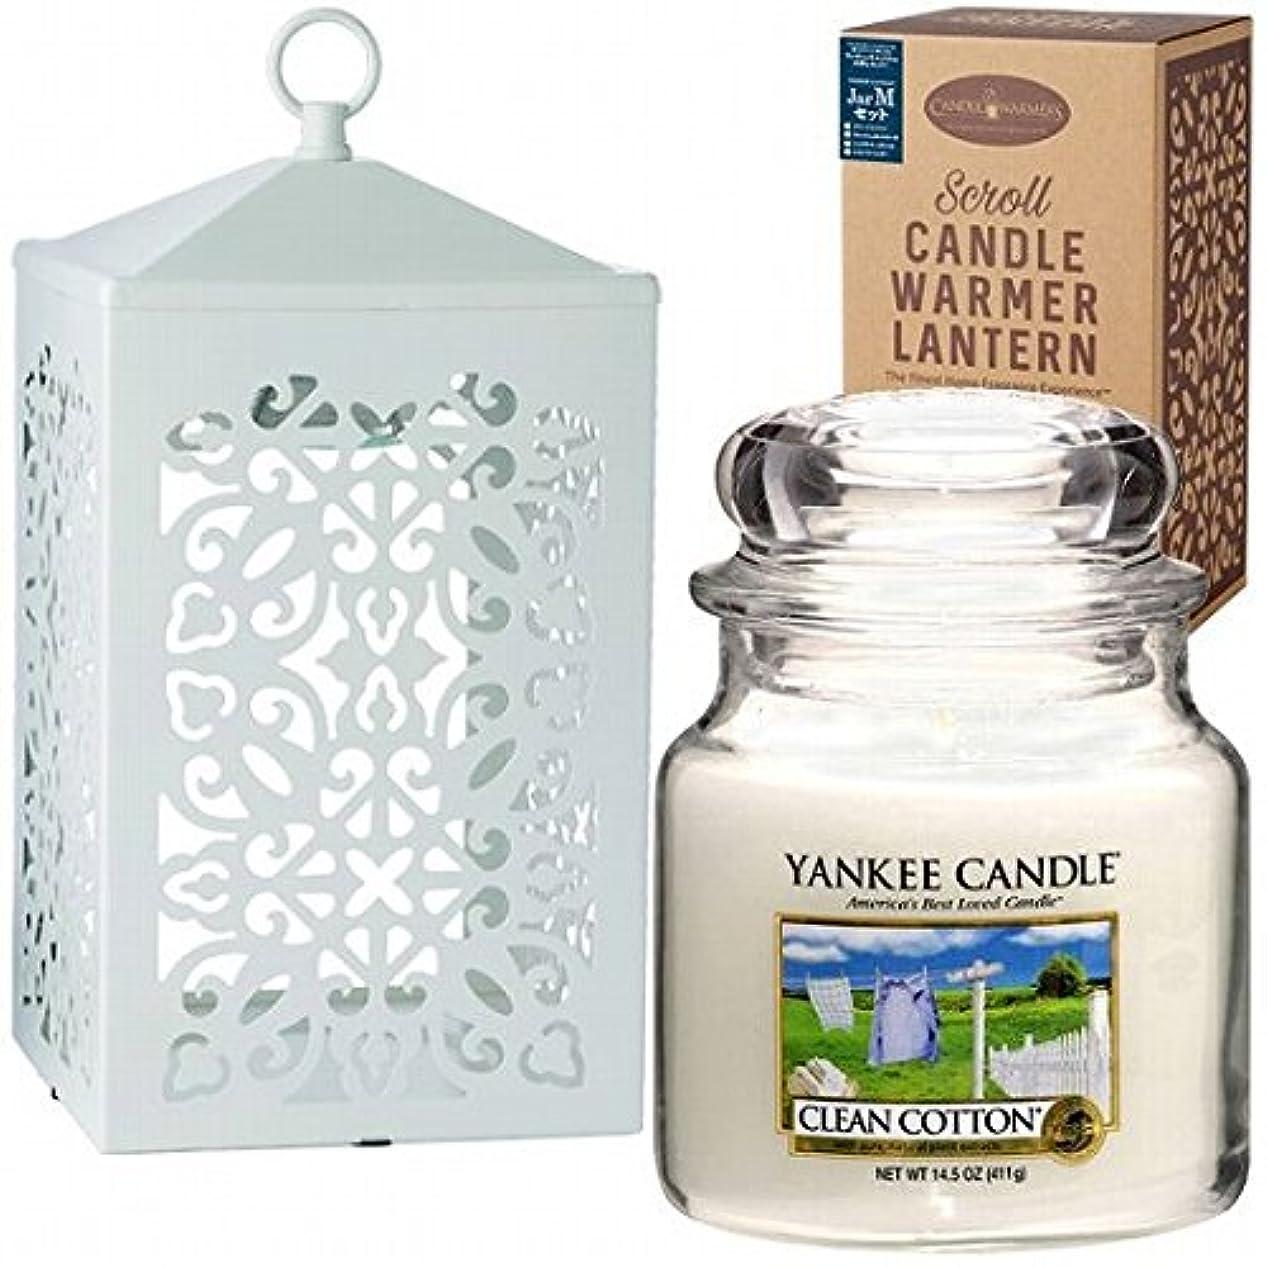 基準排泄物有害なヤンキーキャンドル(YANKEE CANDLE) YANKEE CANDLE ジャーM スクロールキャンドルウォーマーセット(ホワイト) 「 クリーンコットン 」